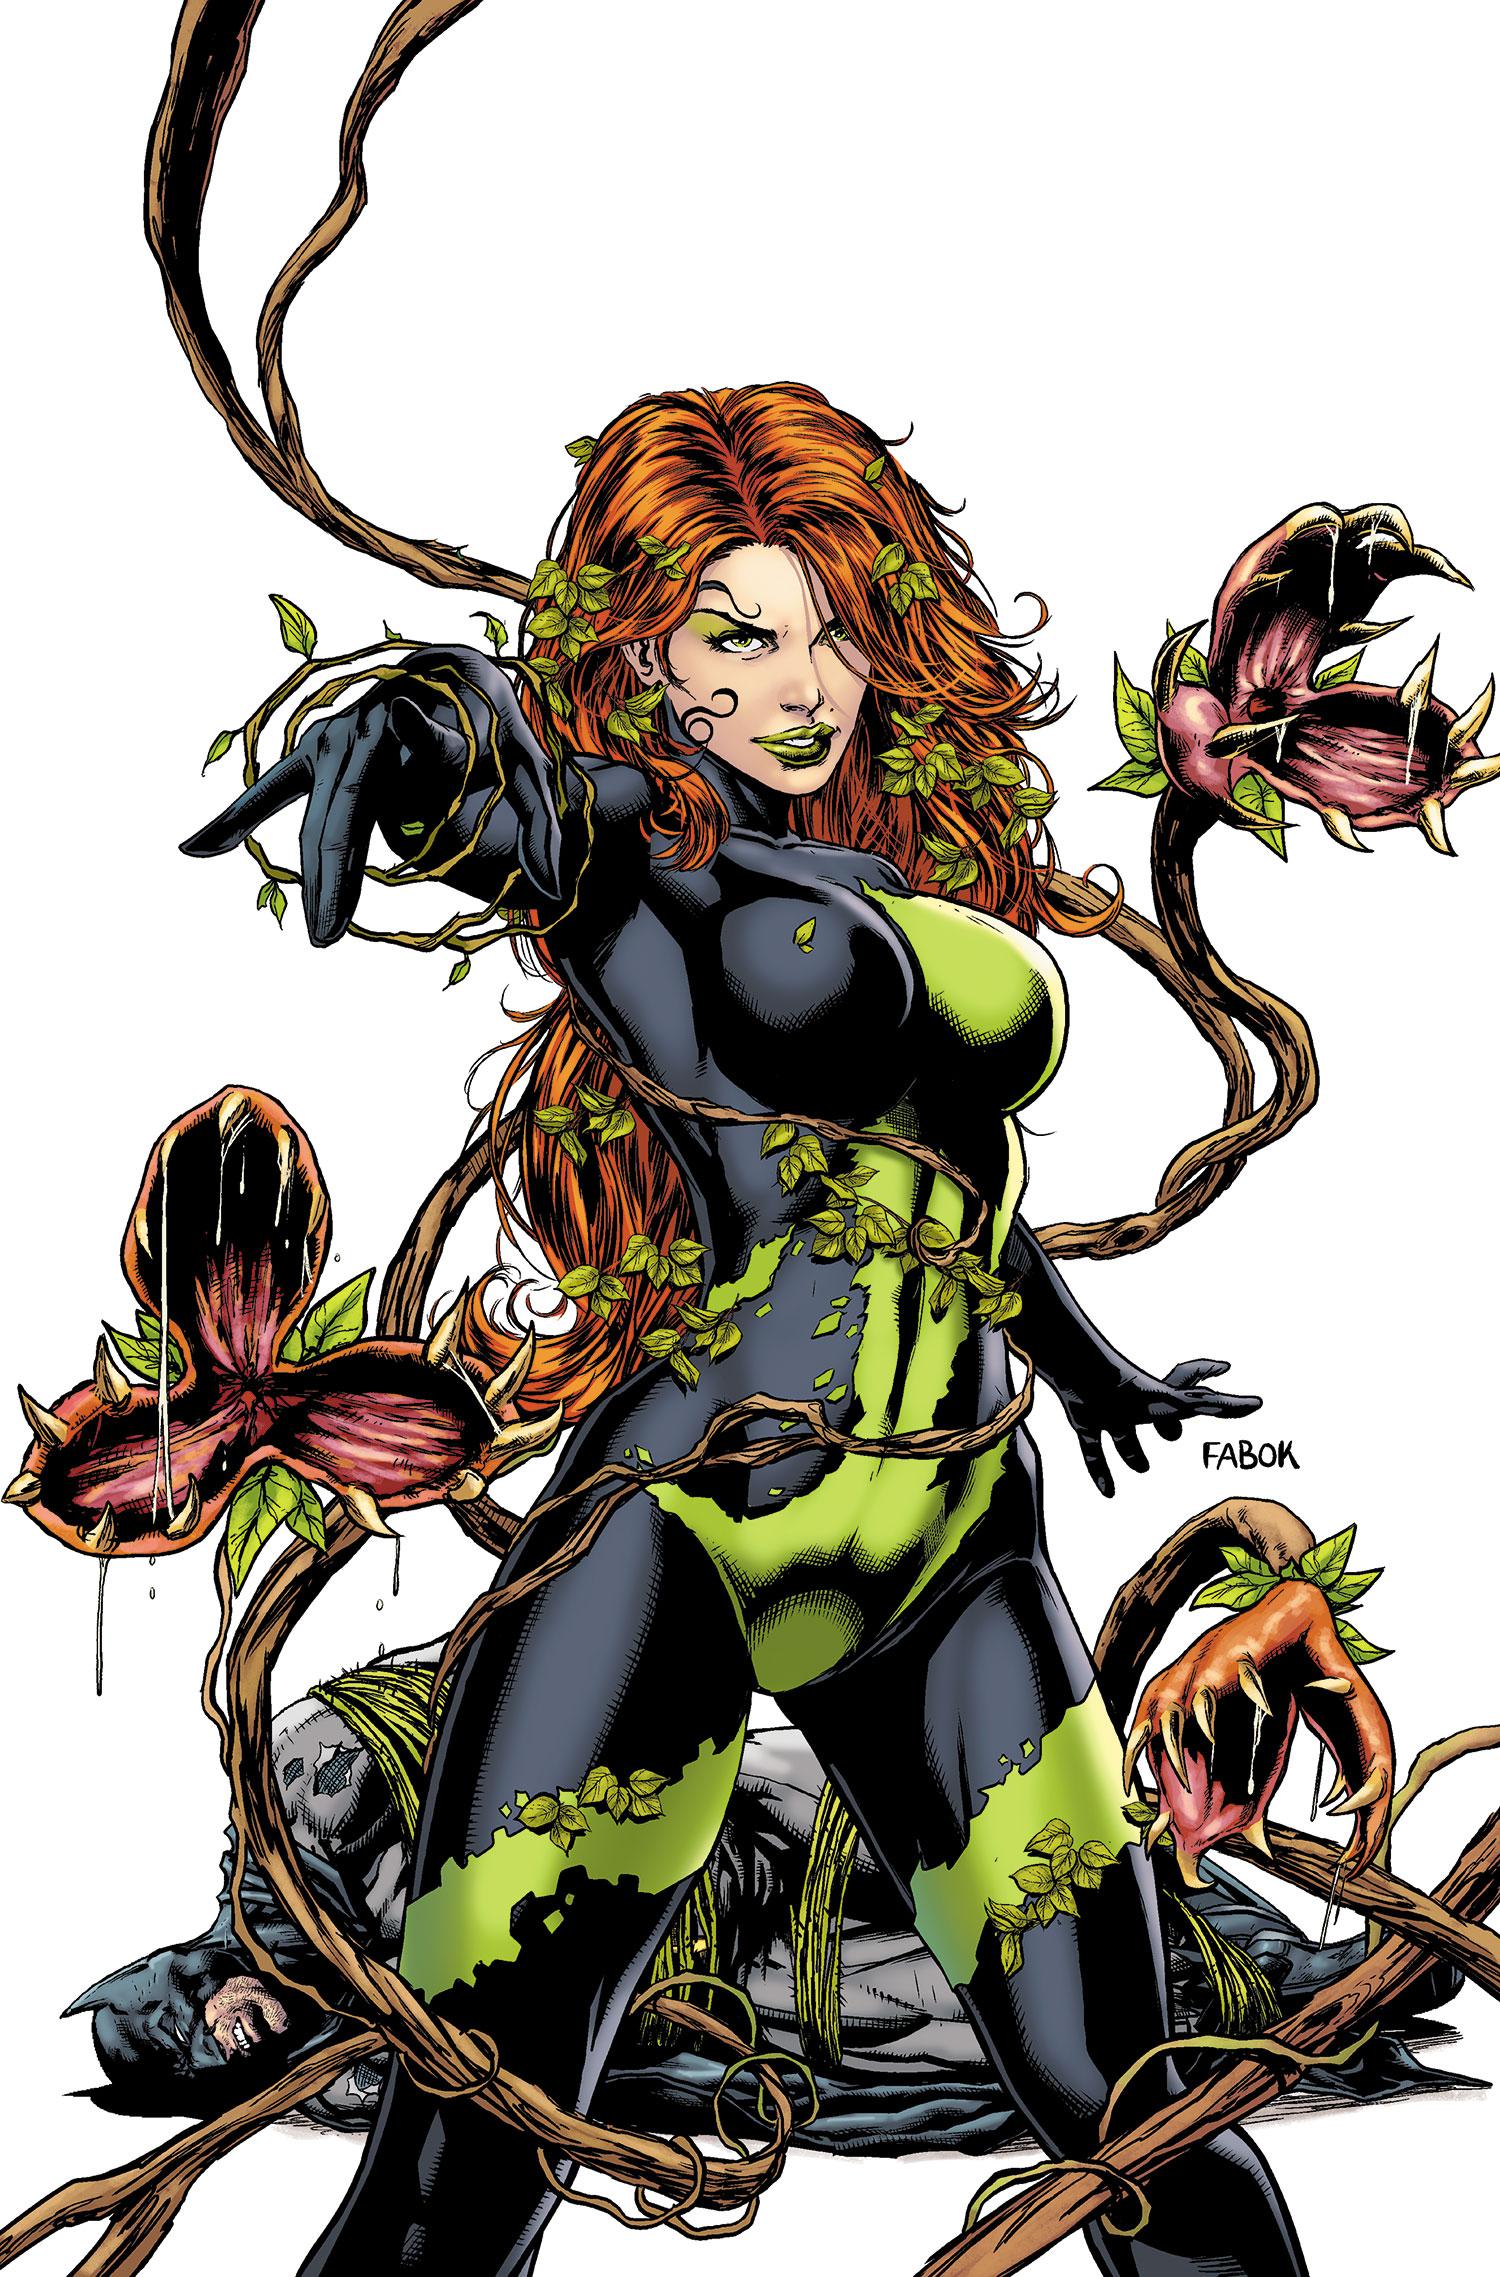 Detective Comics #23.1 - Poison Ivy #1 review - Batman News